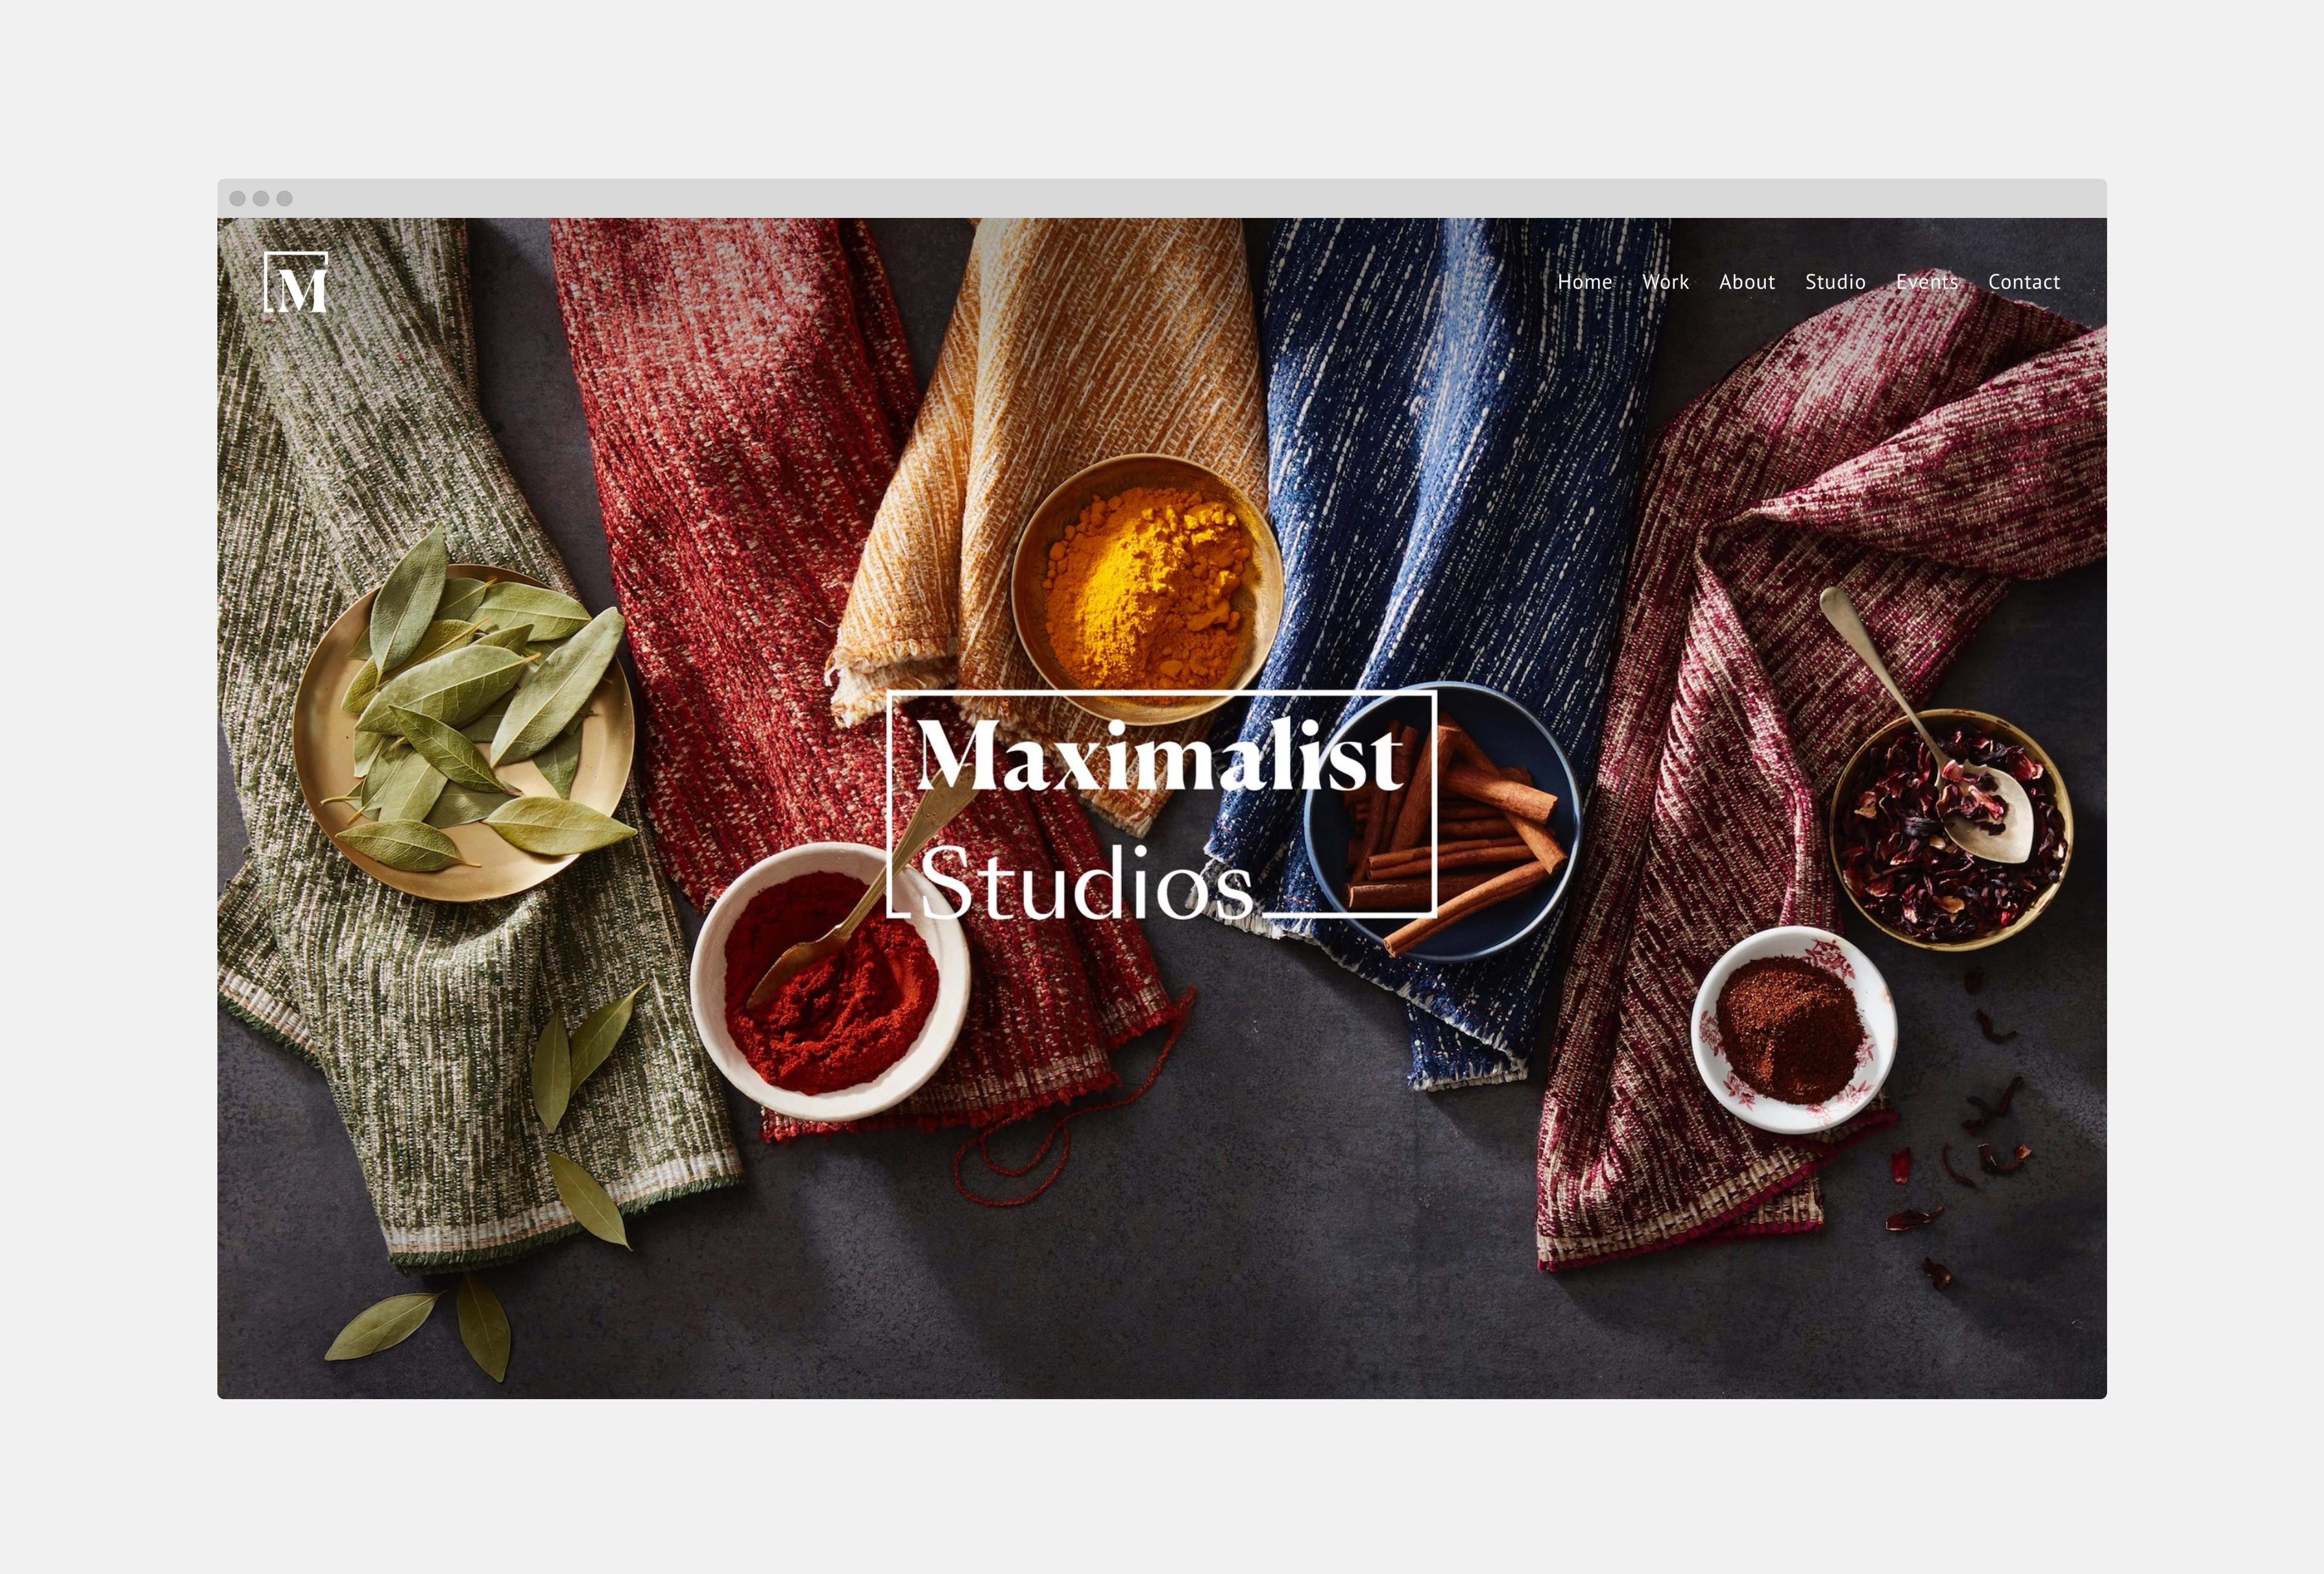 Maximalist Studios - Lovably